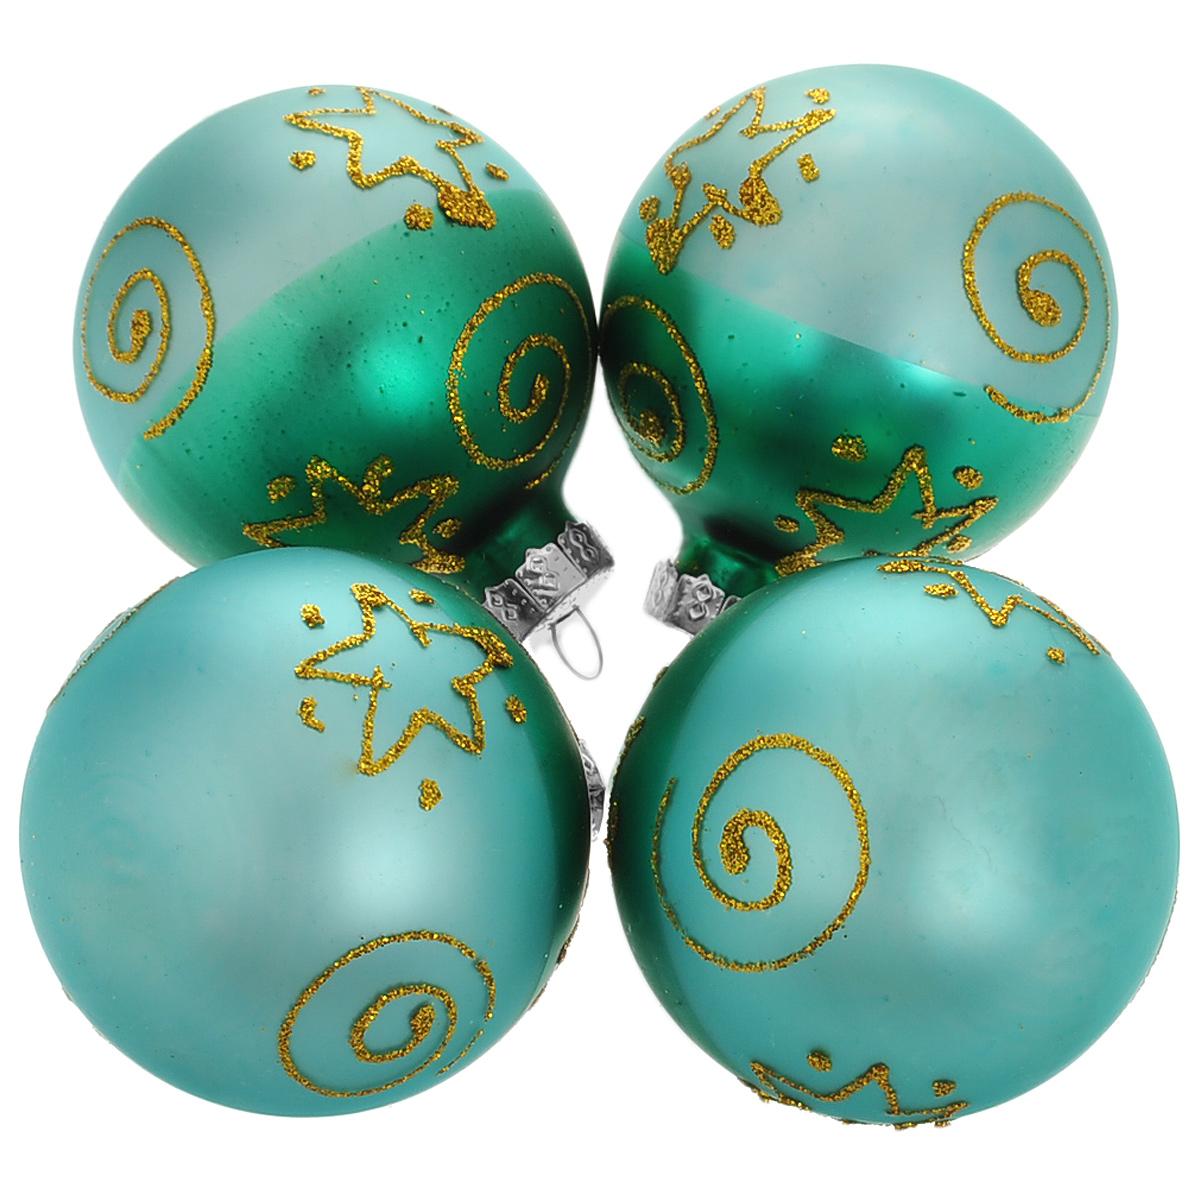 Набор новогодних подвесных украшений Шар, цвет: зеленый, золотистый, диаметр 6 см, 4 шт. 3450234502Набор новогодних подвесных украшений Шар прекрасно подойдет для праздничного декора новогодней ели. Состоит из четырех шаров. Елочная игрушка - символ Нового года. Она несет в себе волшебство и красоту праздника. Создайте в своем доме атмосферу веселья и радости, украшая новогоднюю елку нарядными игрушками, которые будут из года в год накапливать теплоту воспоминаний. Коллекция декоративных украшений принесет в ваш дом ни с чем несравнимое ощущение волшебства! Откройте для себя удивительный мир сказок и грез. Почувствуйте волшебные минуты ожидания праздника, создайте новогоднее настроение вашим дорогим и близким.